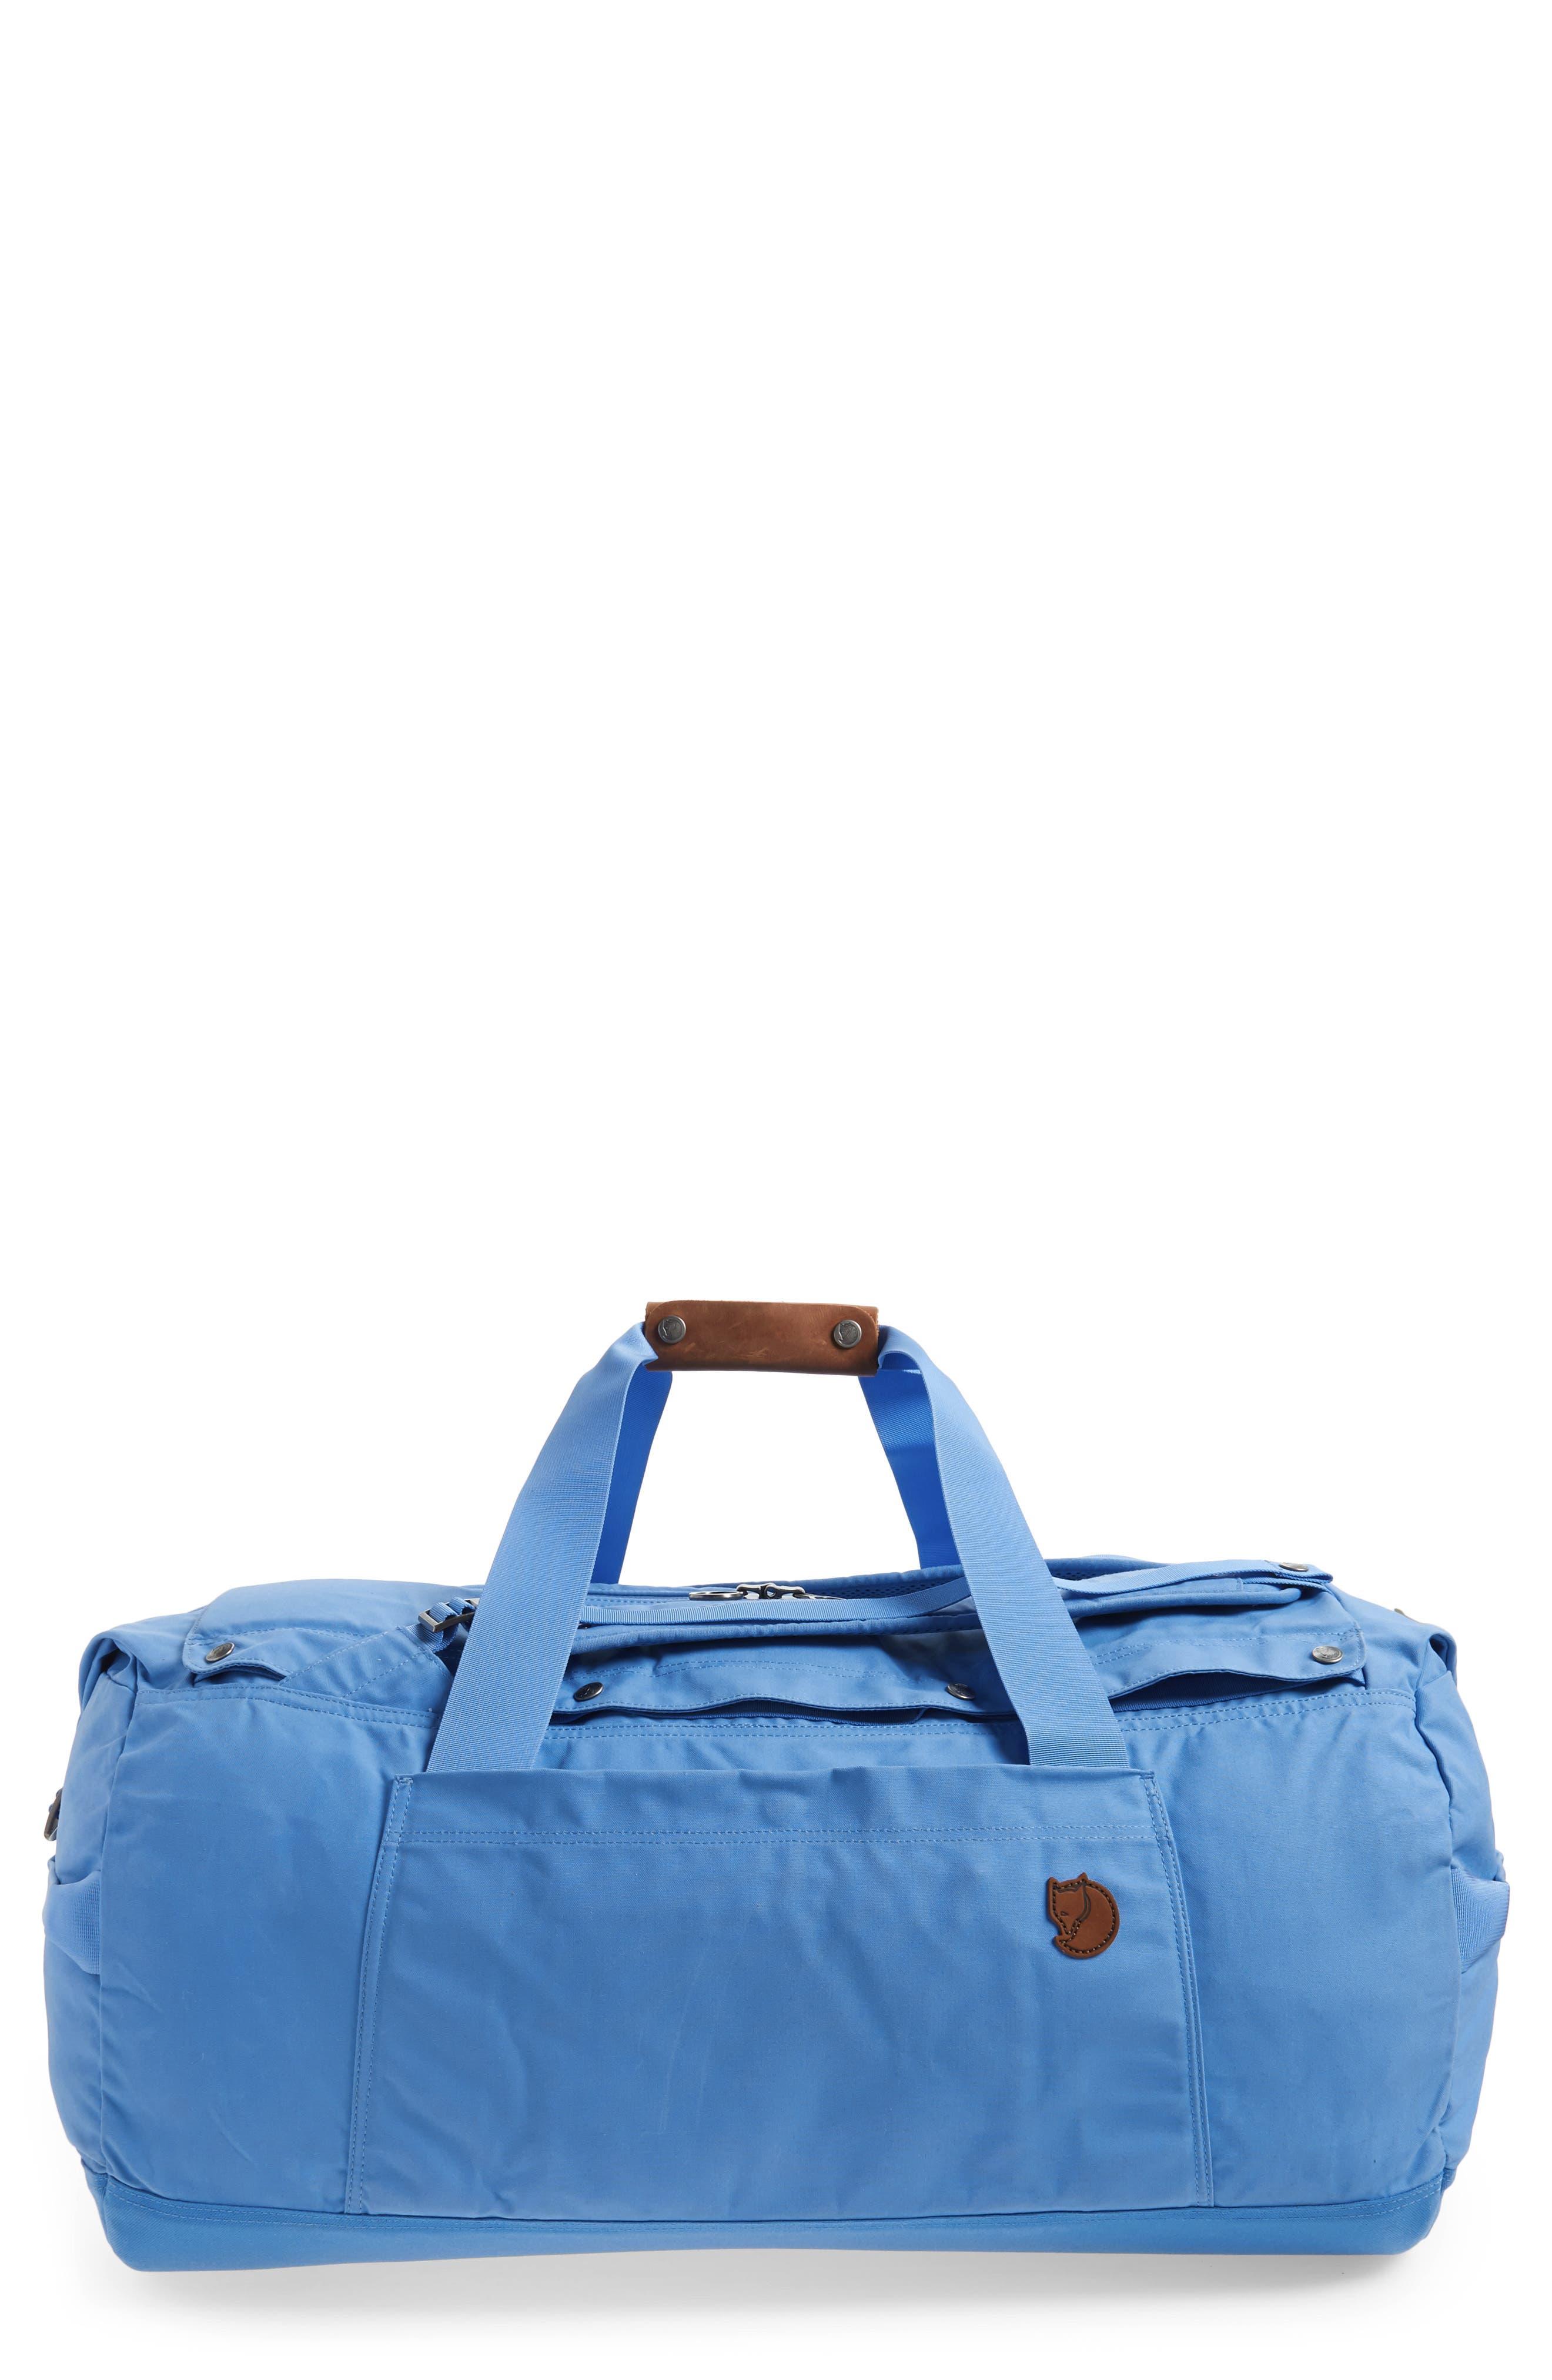 Fjällräven No. 6 Medium Duffel Bag